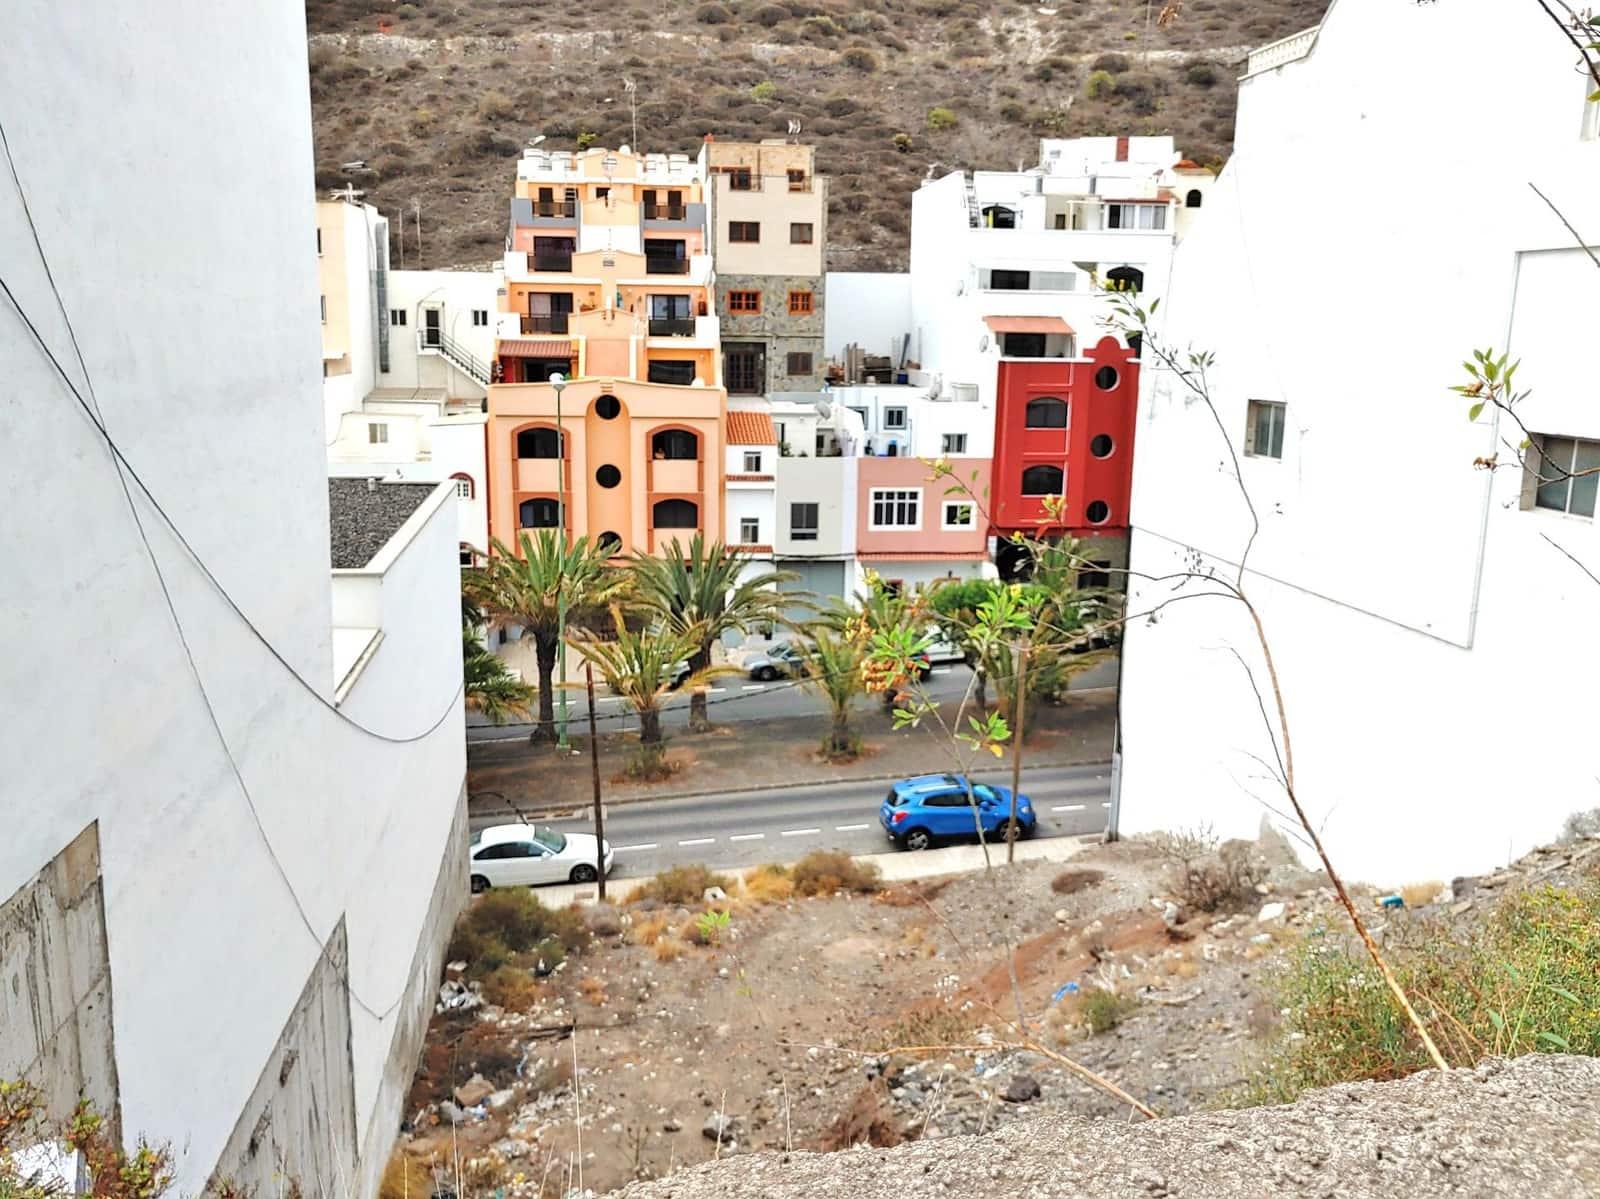 Działka budowlana na sprzedaż w Las Palmas de Gran Canaria - 84 360 € (Ref: 5518521)